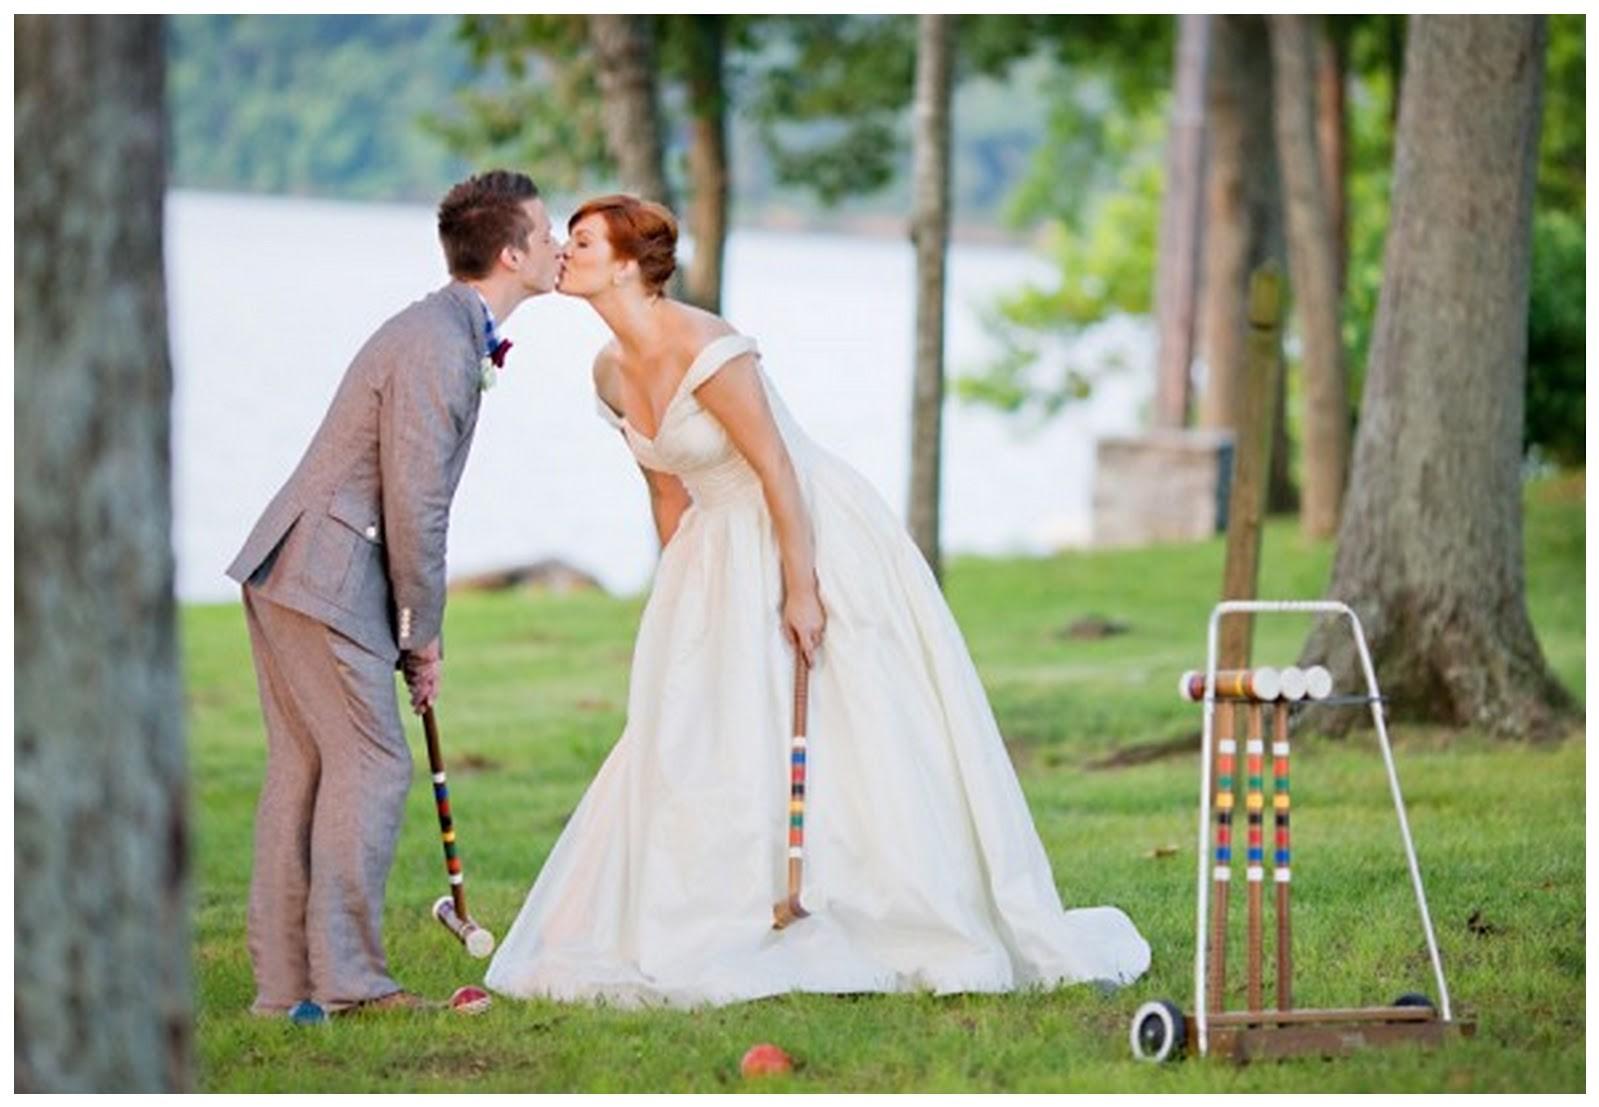 Jeux de mariage rigolo: croquet.